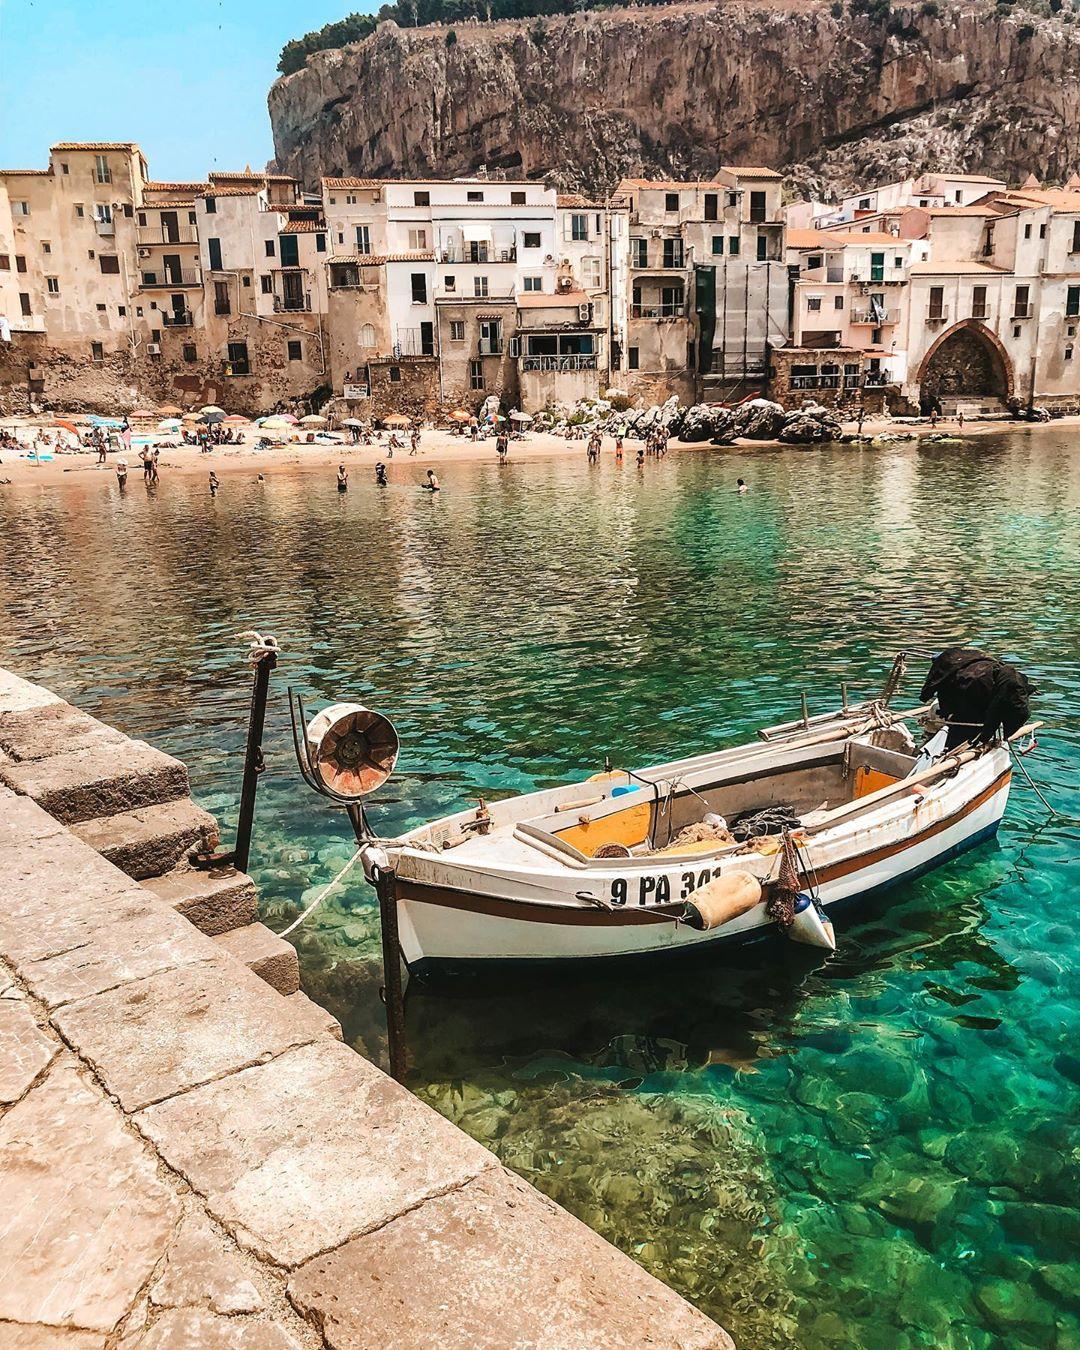 7 итальянских городов, которые не хуже Рима и Флоренции-Фото 1